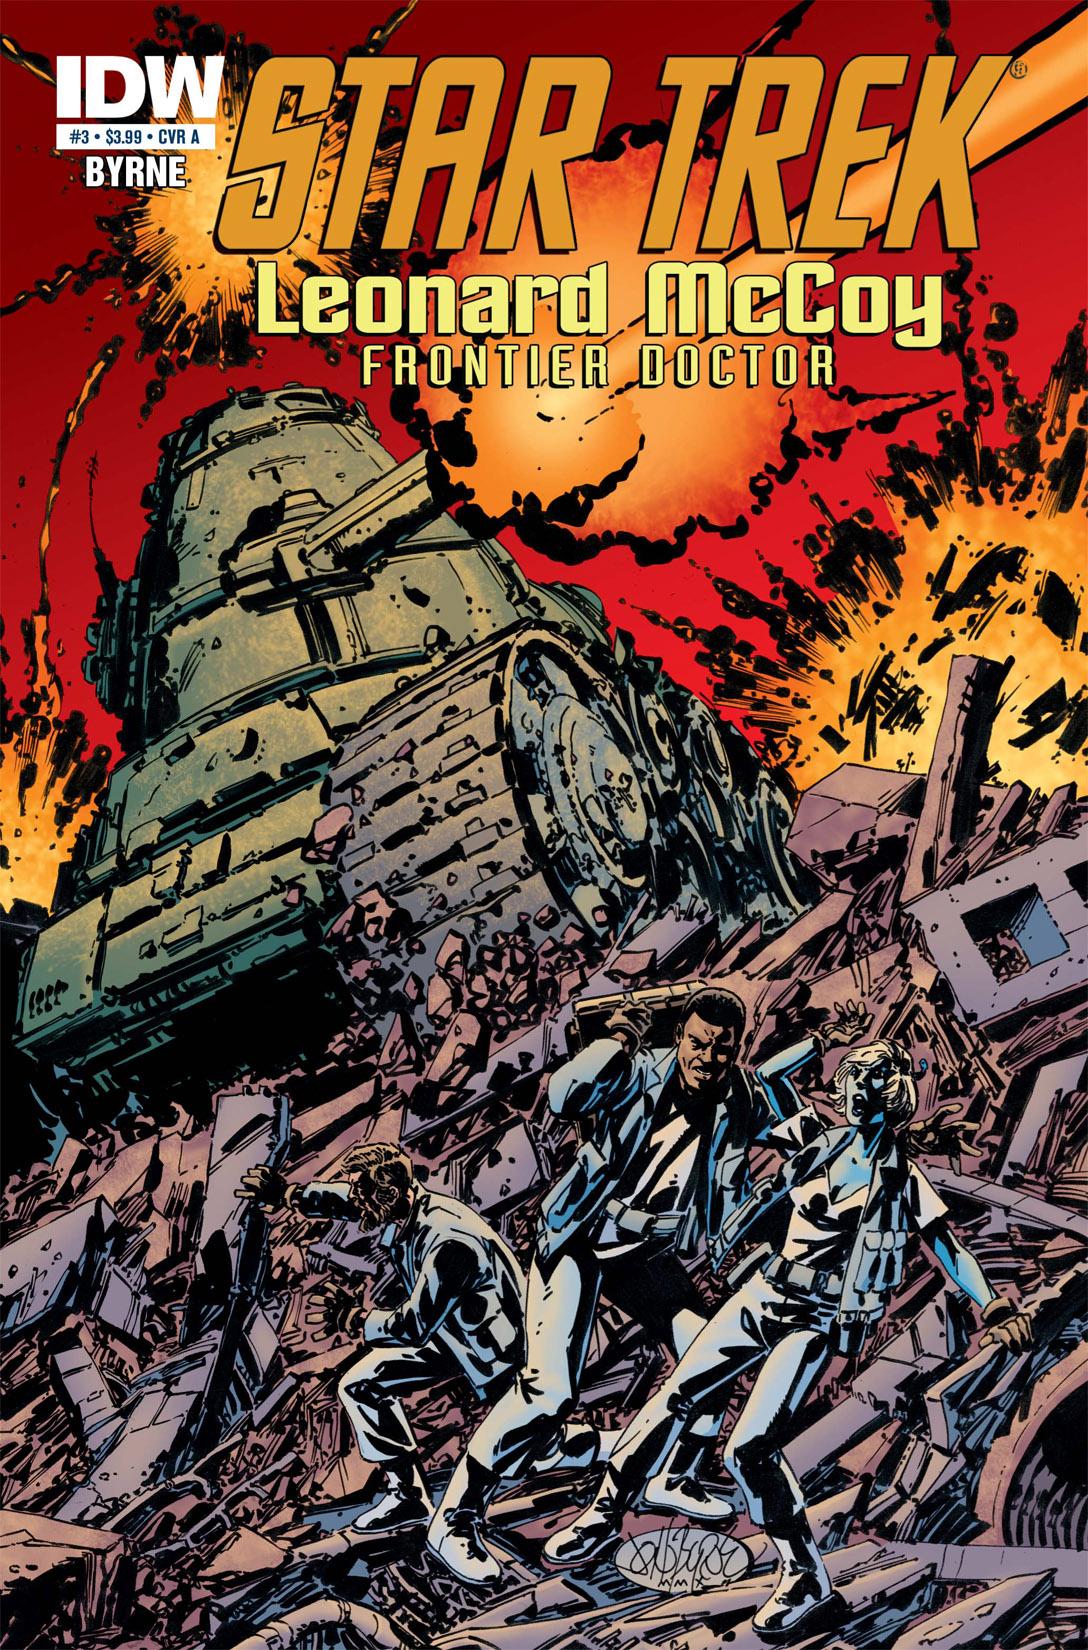 Read online Star Trek: Leonard McCoy, Frontier Doctor comic -  Issue #3 - 1